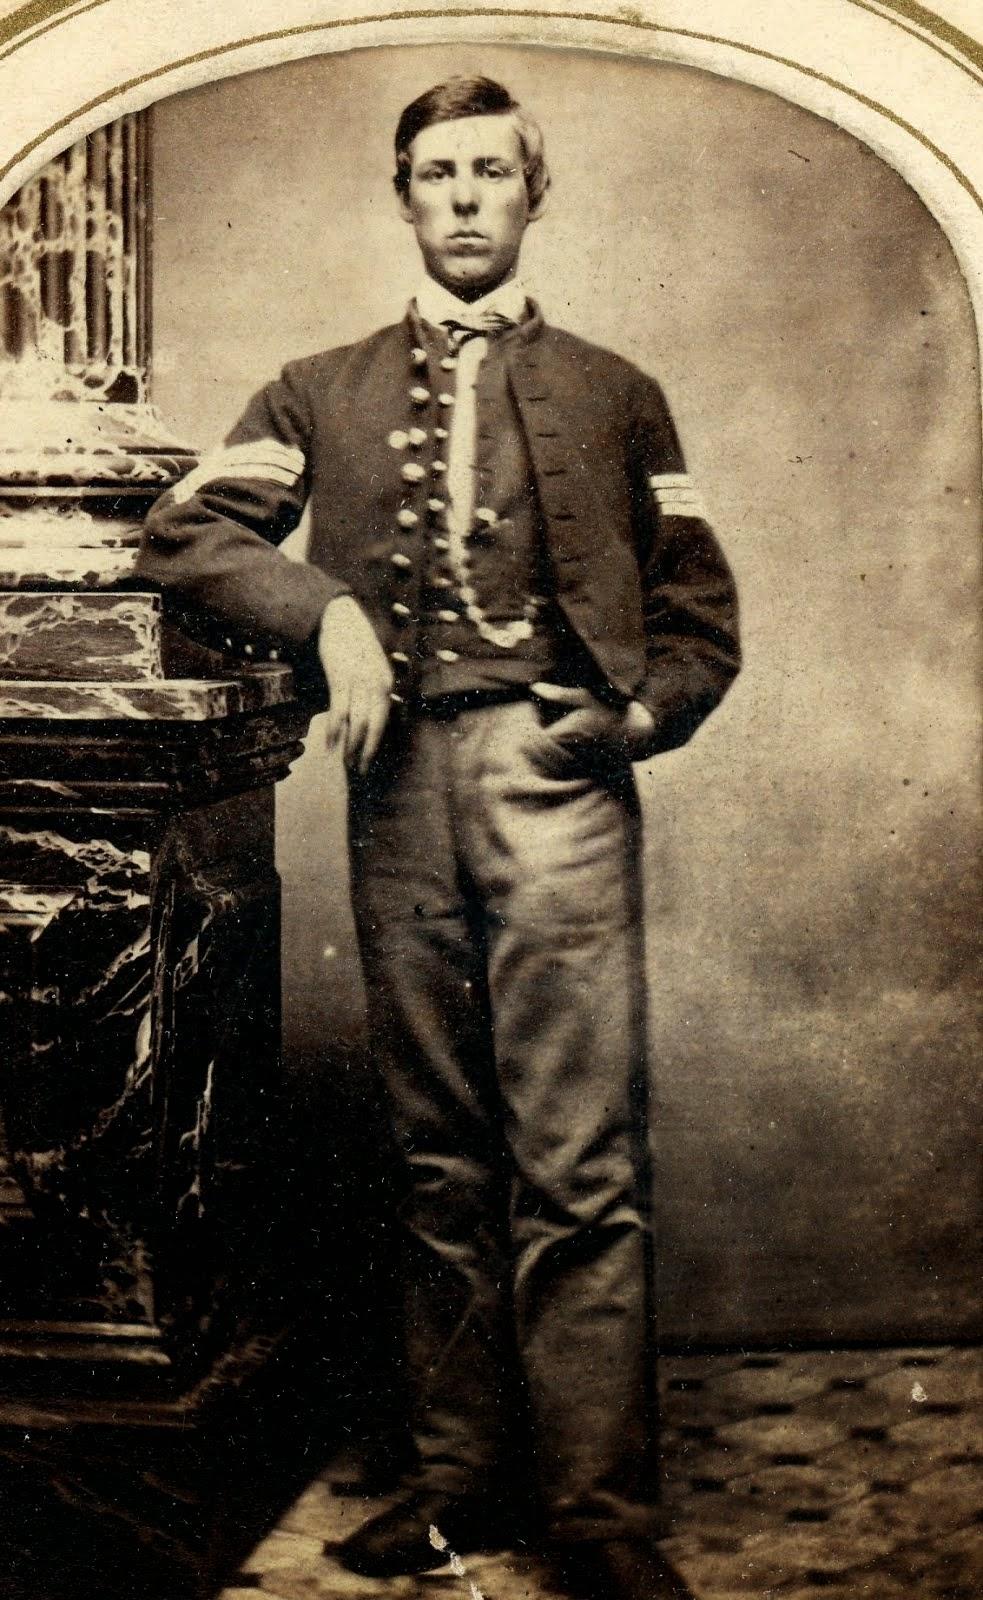 Sgt. Albert R. Novinger